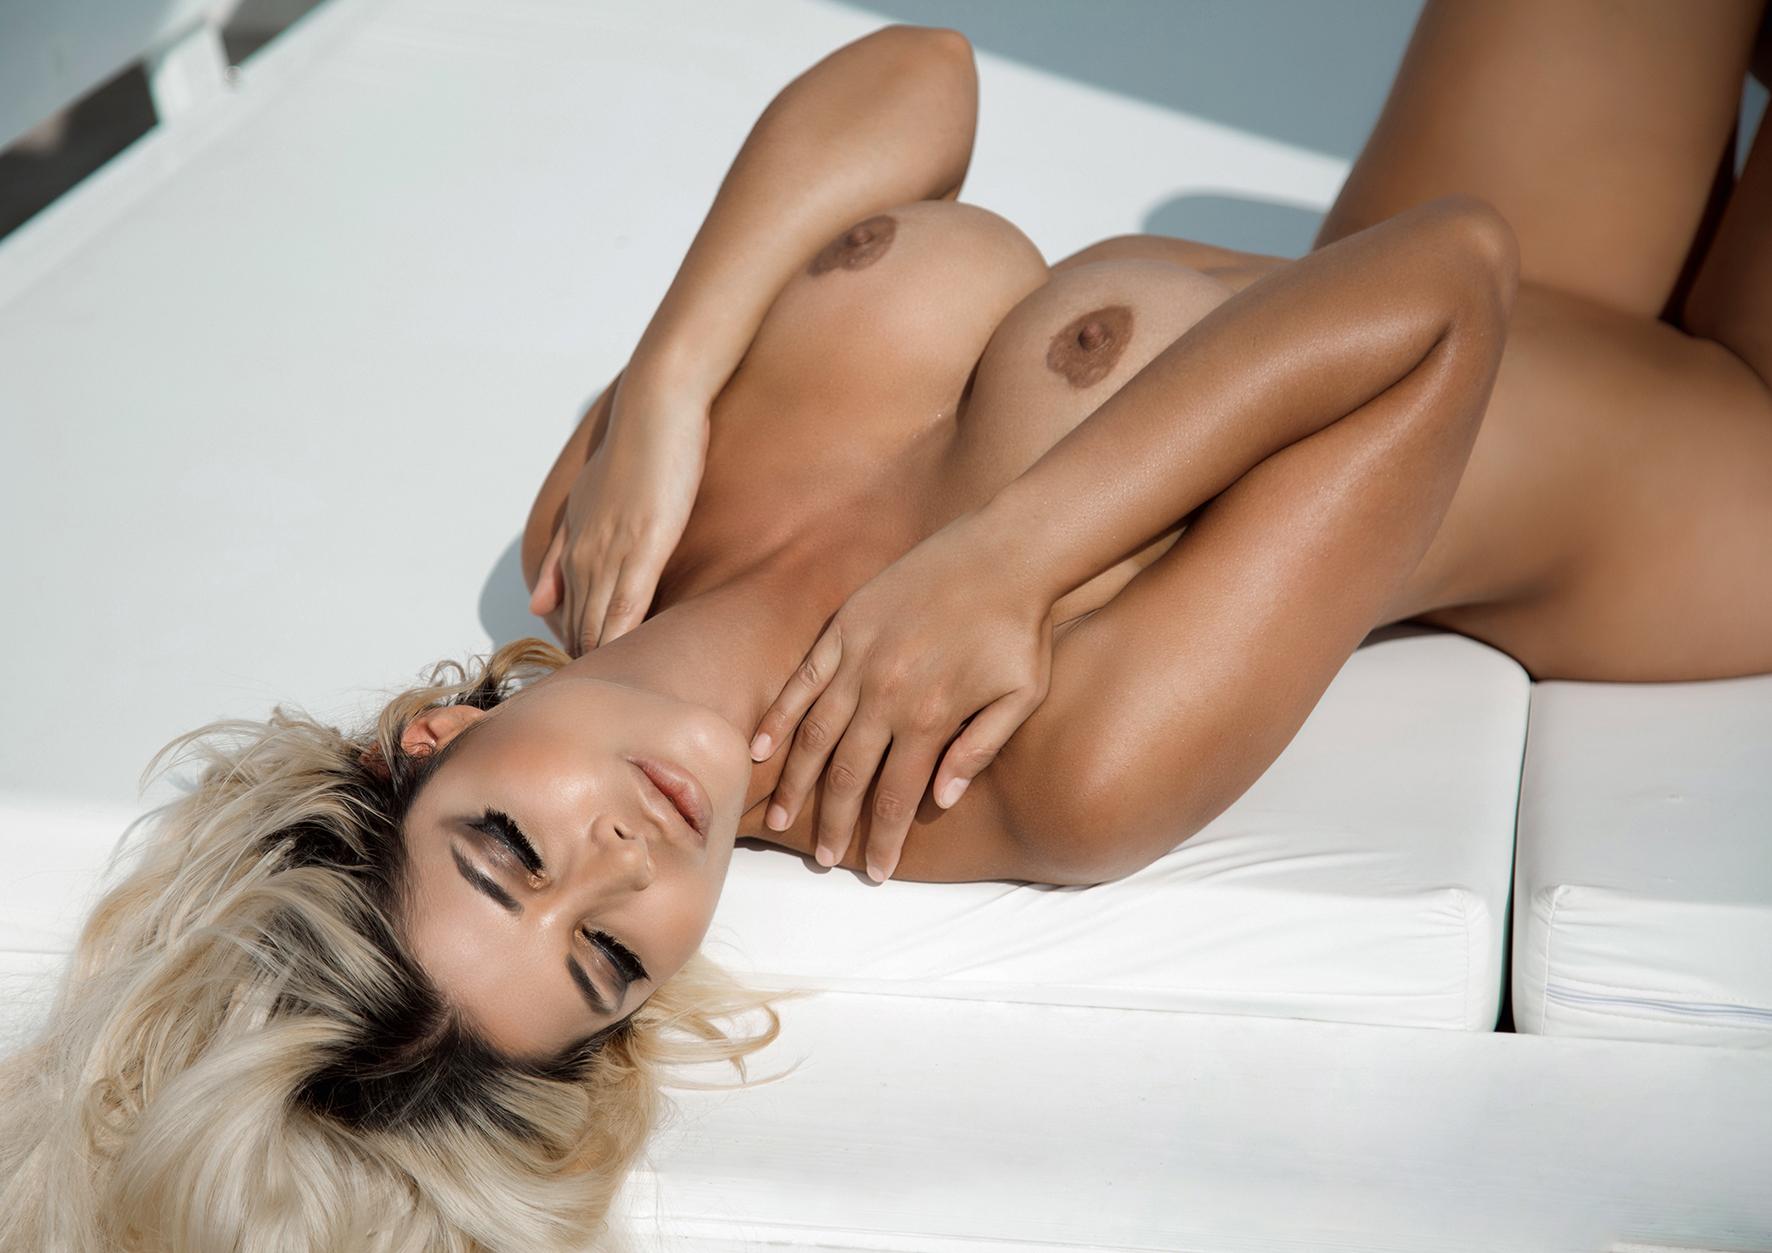 Bilder von michaela schäfer nackt Micaela Schaefer